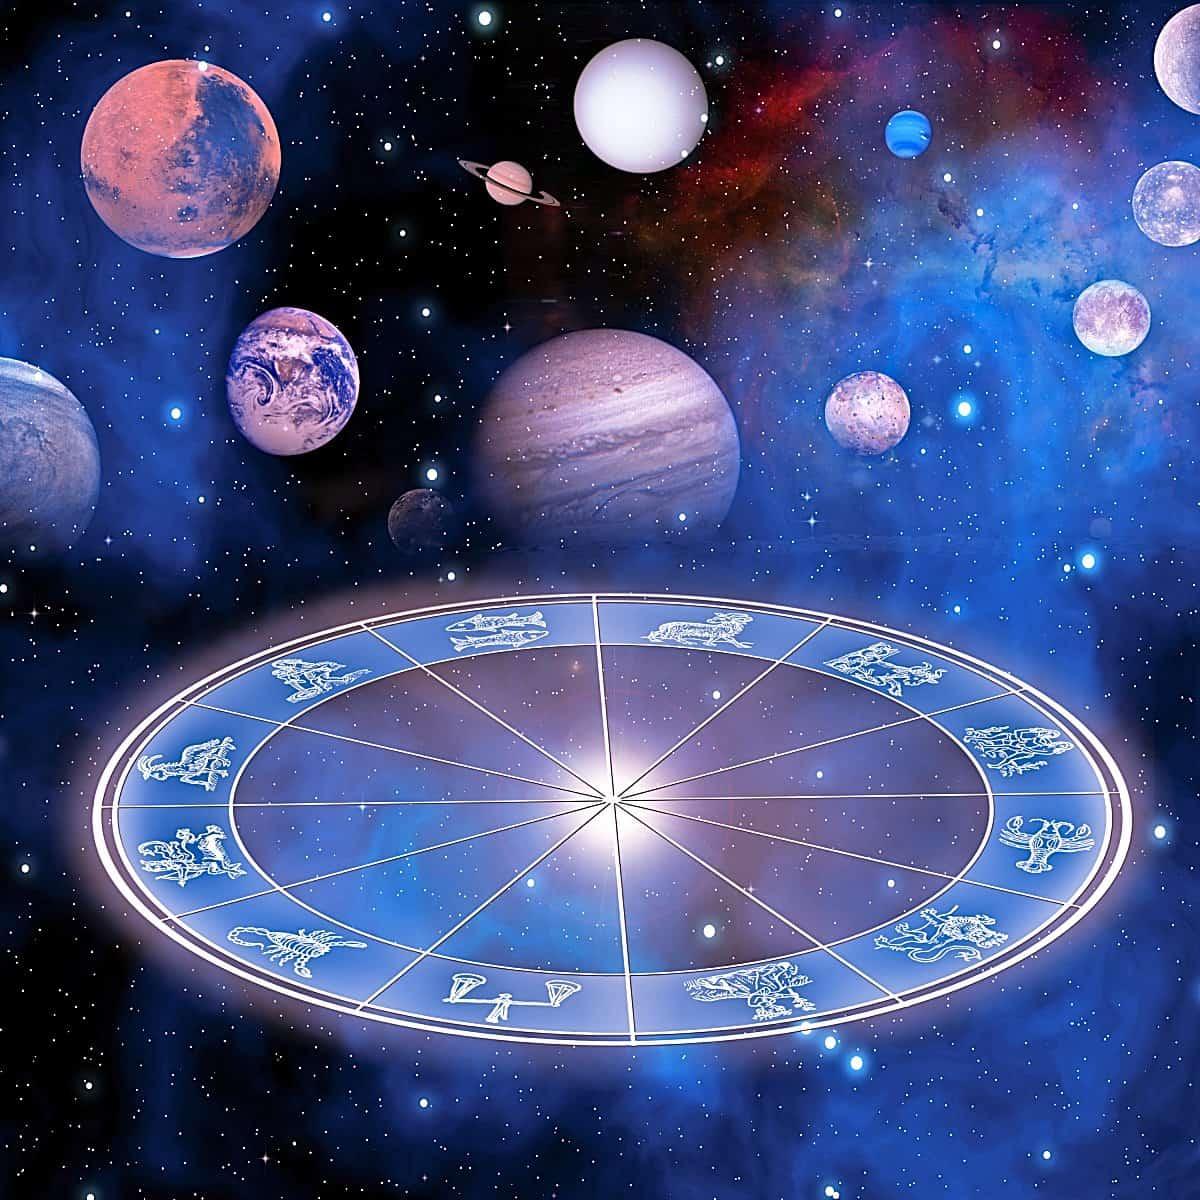 El horóscopo es una representación gráfica de las posiciones planetarias en un momento especial